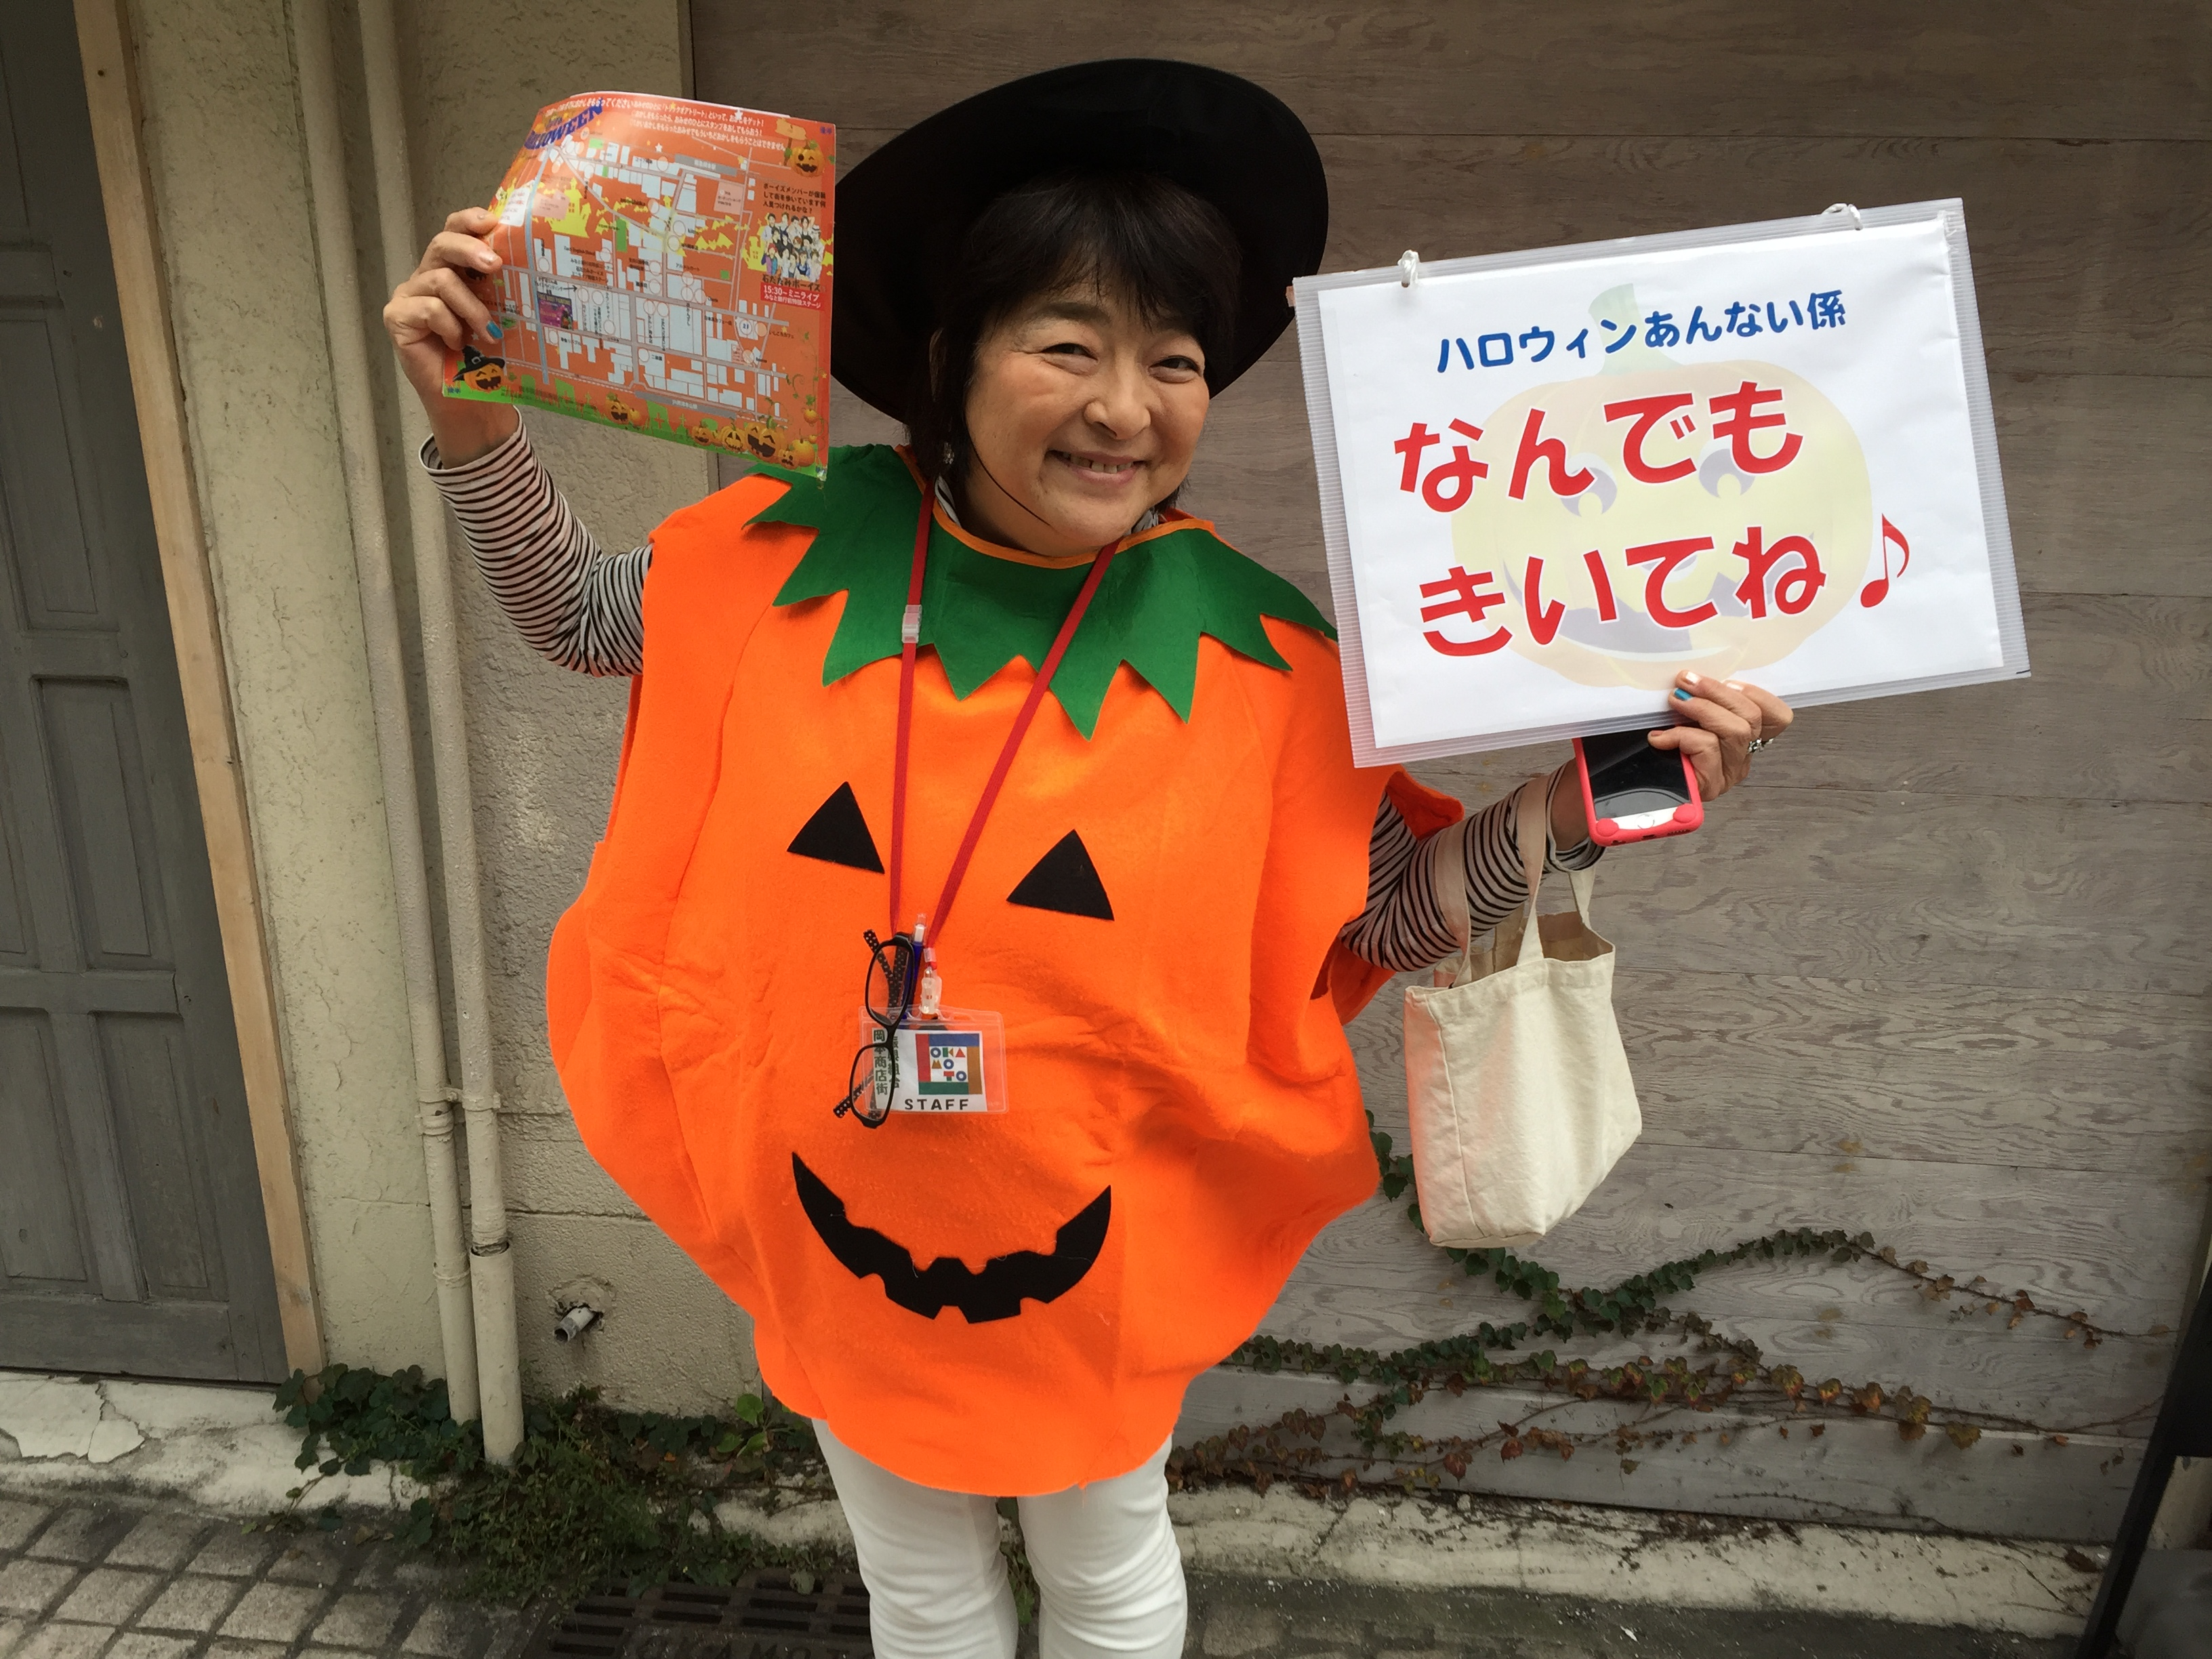 「岡本商店街ハロウィンイベント2016 ~お店を回ってお菓子をもらおう~」で岡本は11/6(日)大賑わいだよ【※仮装写真レポ※】